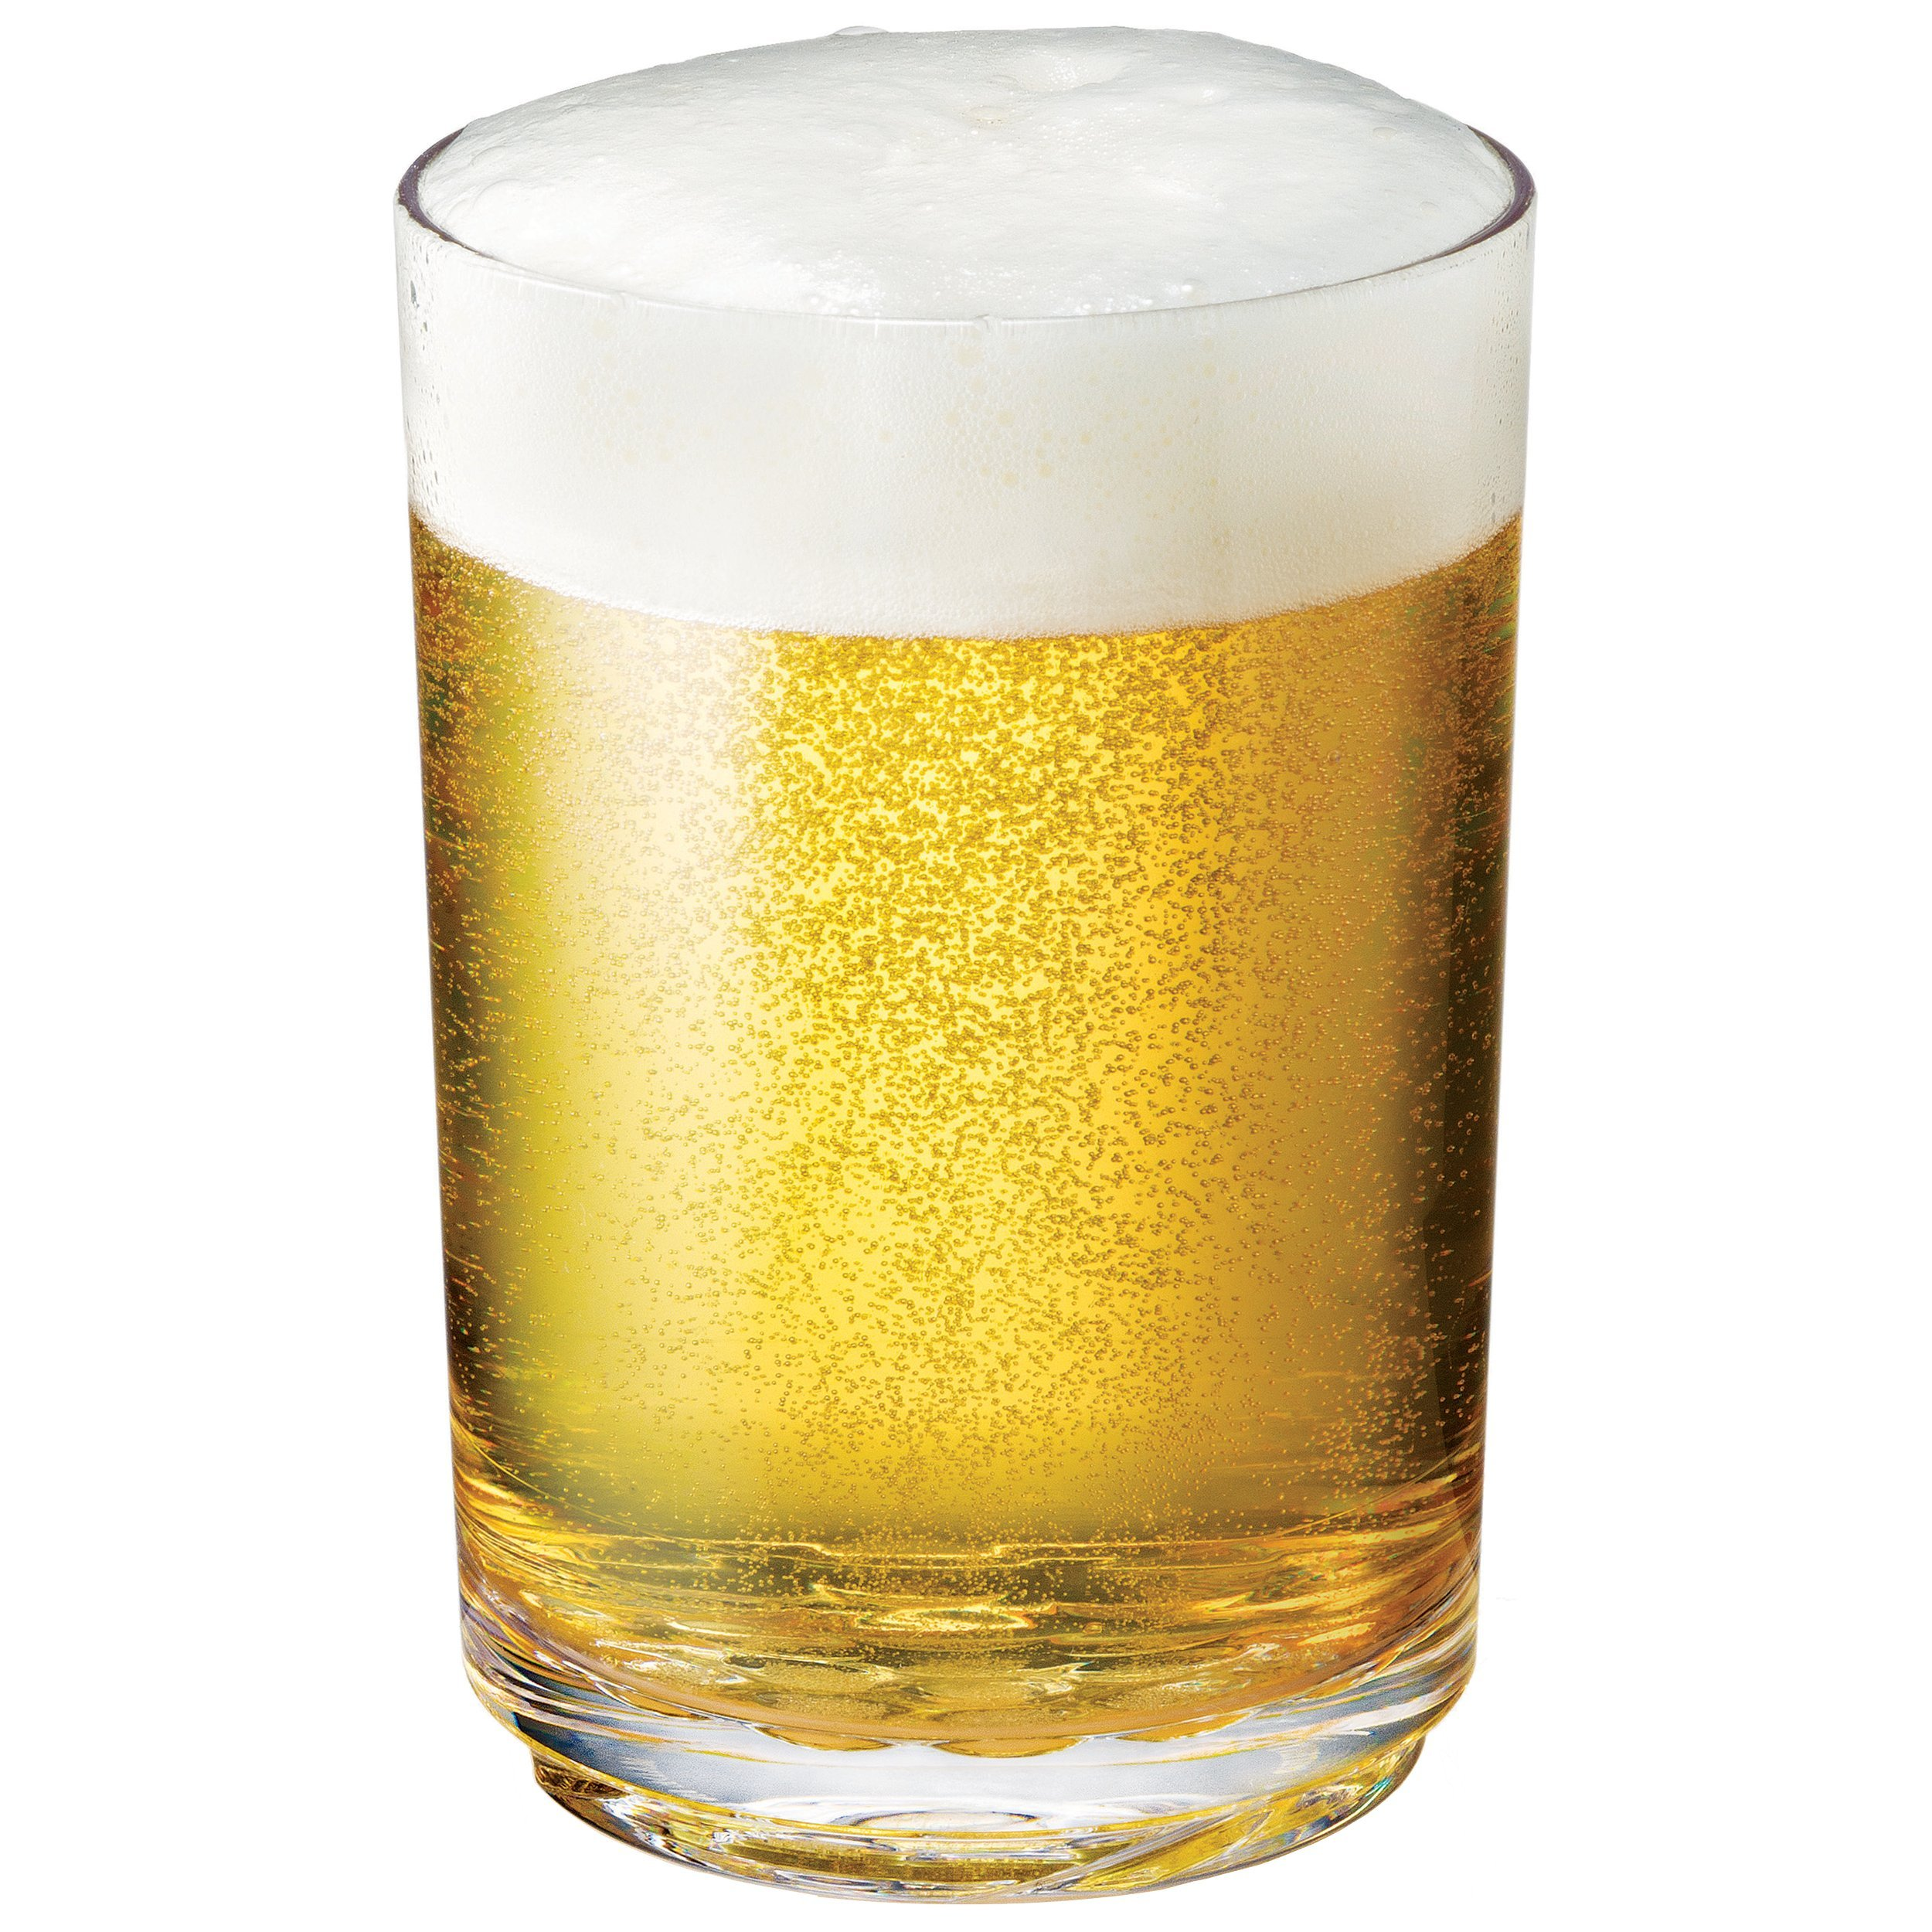 Drinique ELT-PT-CLR-24 Elite Pint Unbreakable Tritan Beer Glasses, 16 oz (Case of 24), Clear